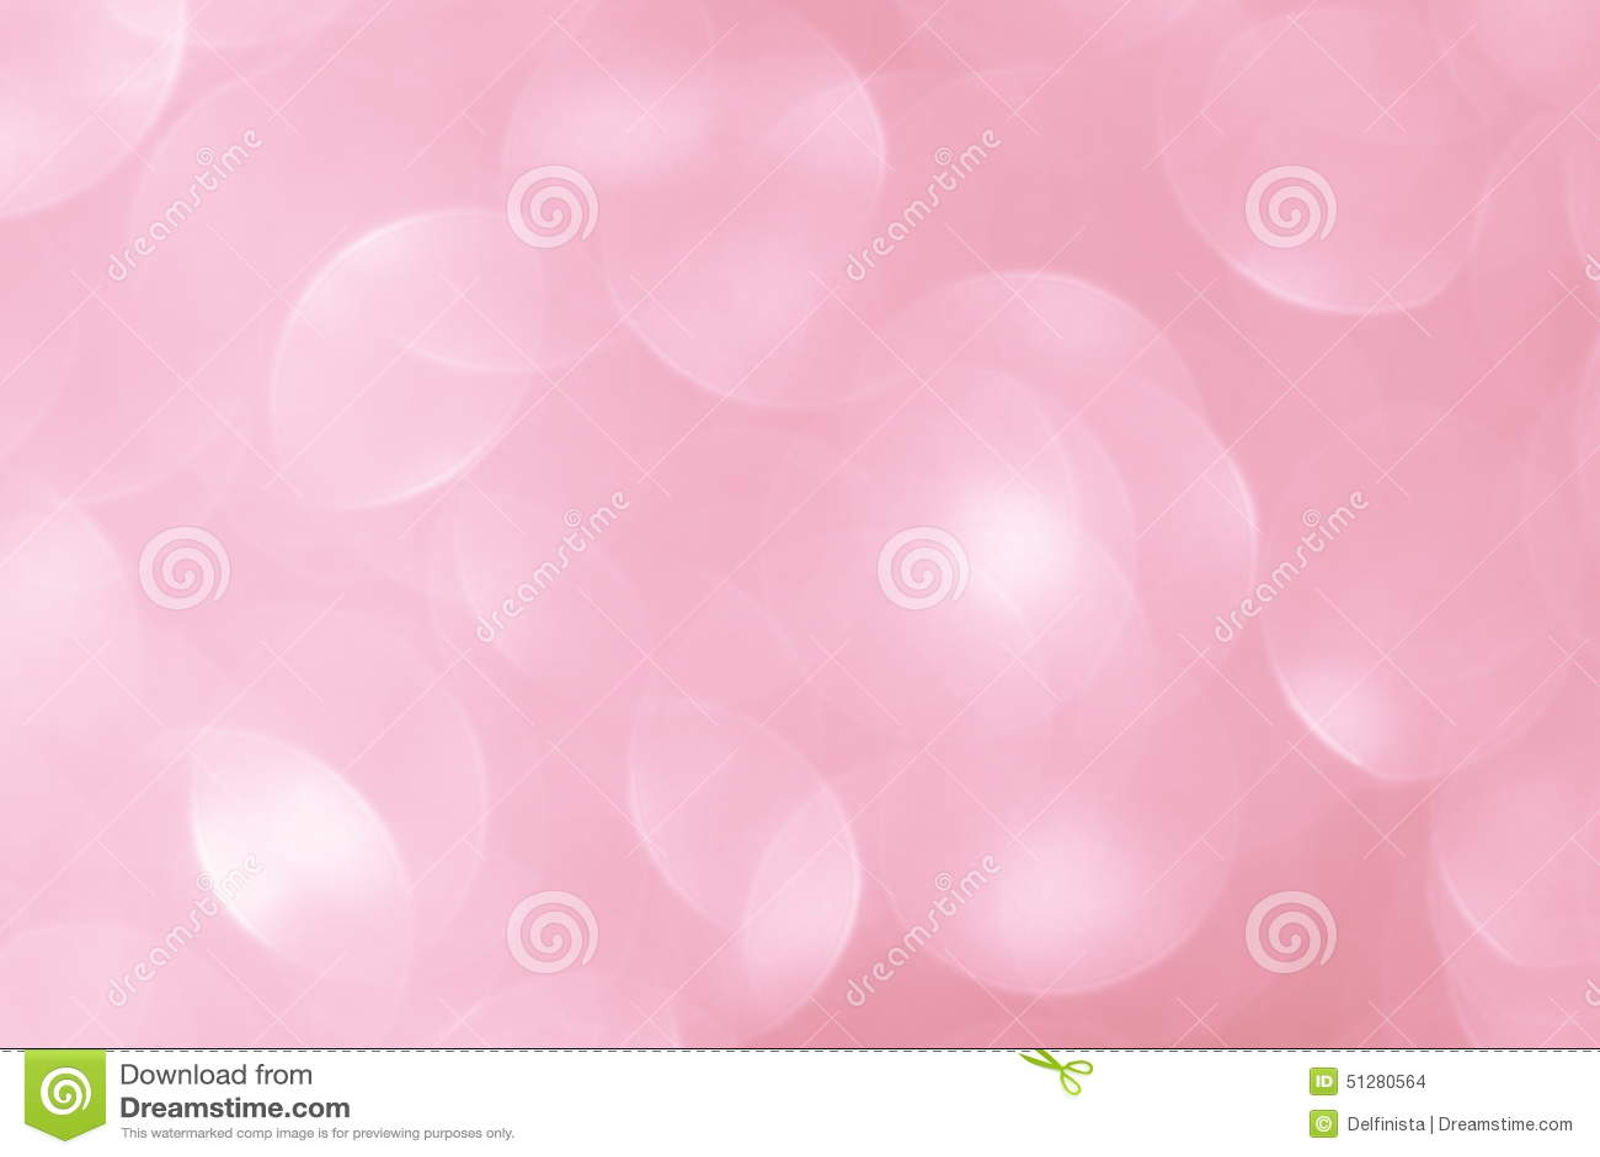 Fundo cor-de-rosa: Fotos do estoque do borrão do dia de mães